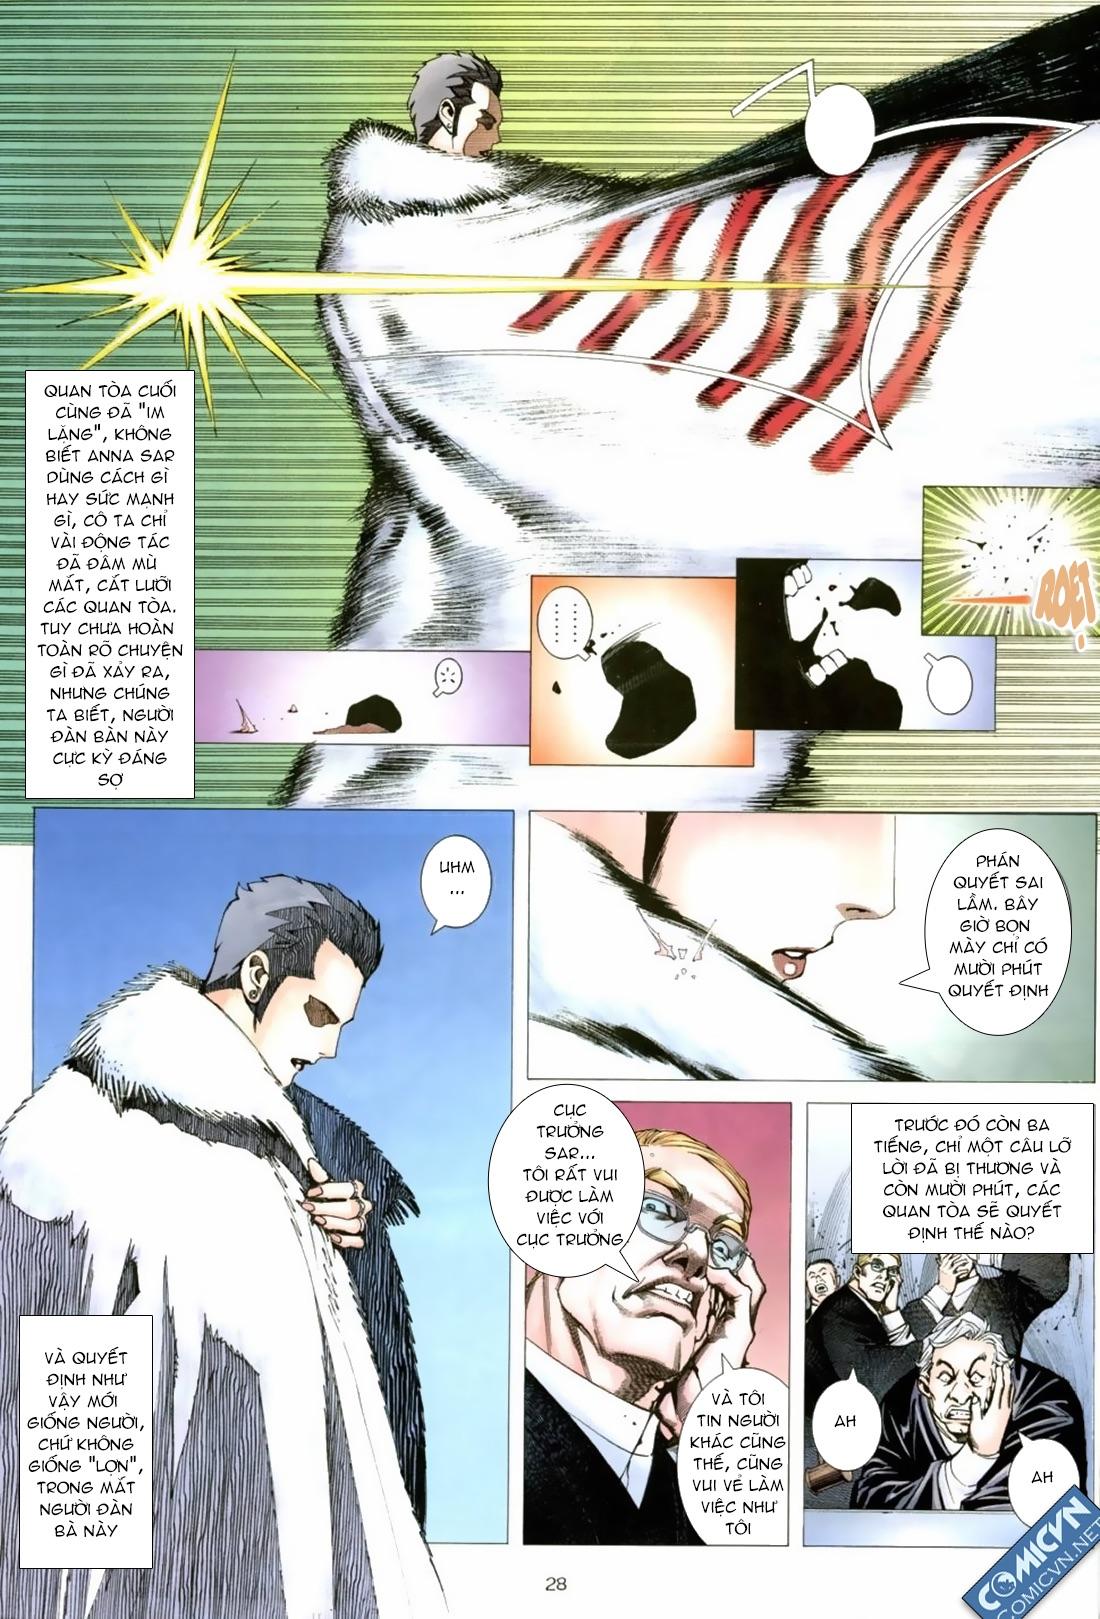 Xích Trụ Phạn Đường chap 22.2 - Trang 12